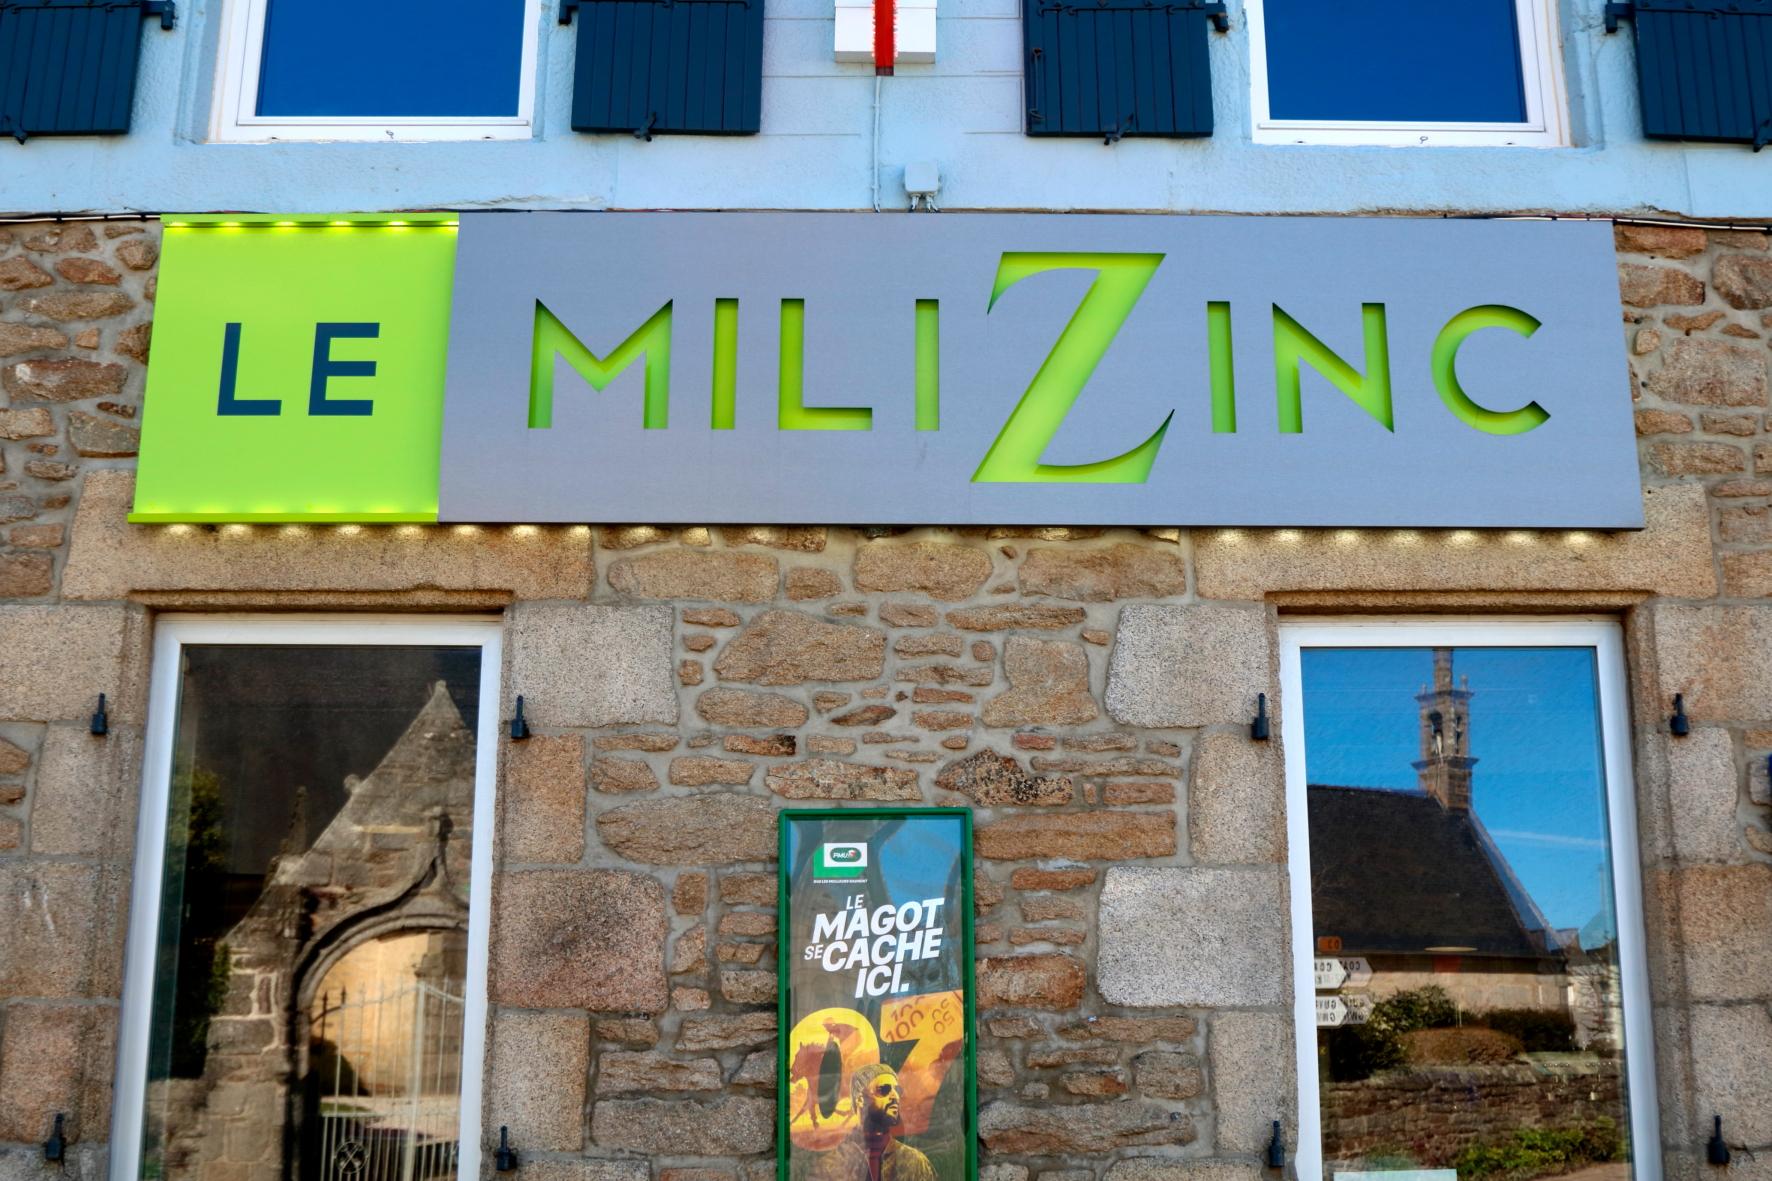 Milizac-13-04-144